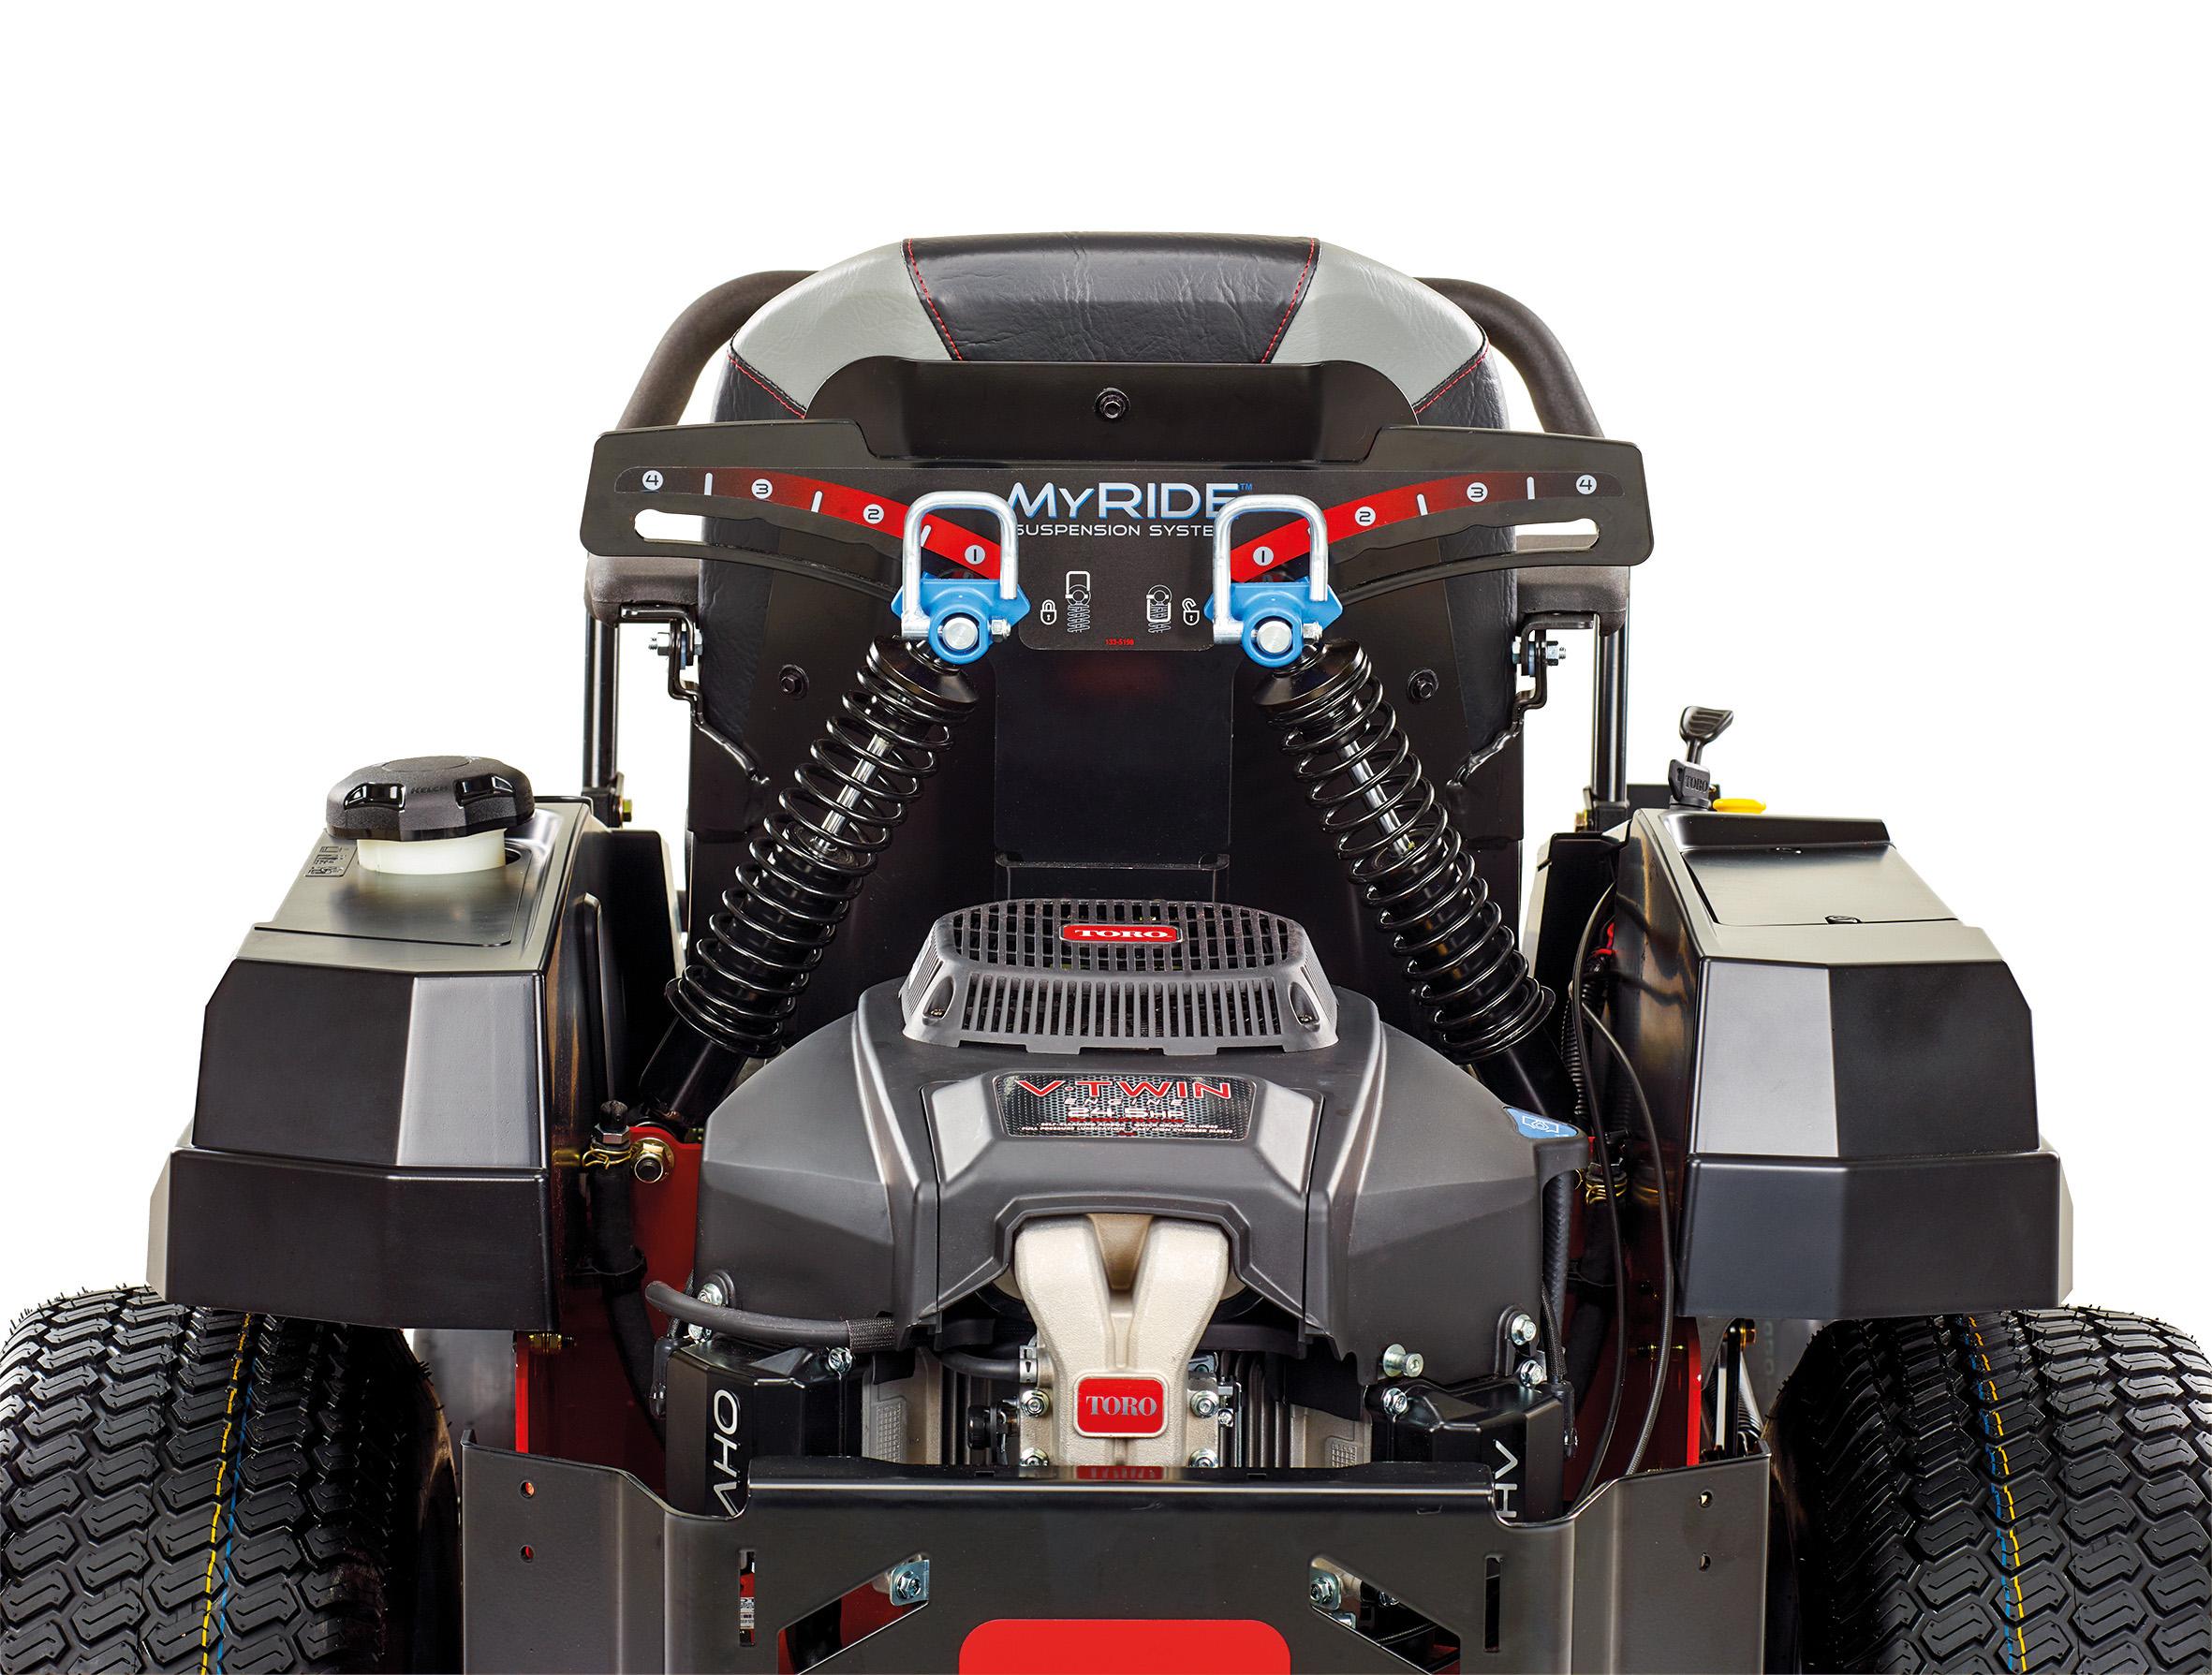 Die eigens entwickelte Plattformfederungstechnik MyRide schützt den Bediener vor Erschütterungen und Vibrationen: Werkzeuglos verstellbar und mit schockabsorbierenden Dämpfern.